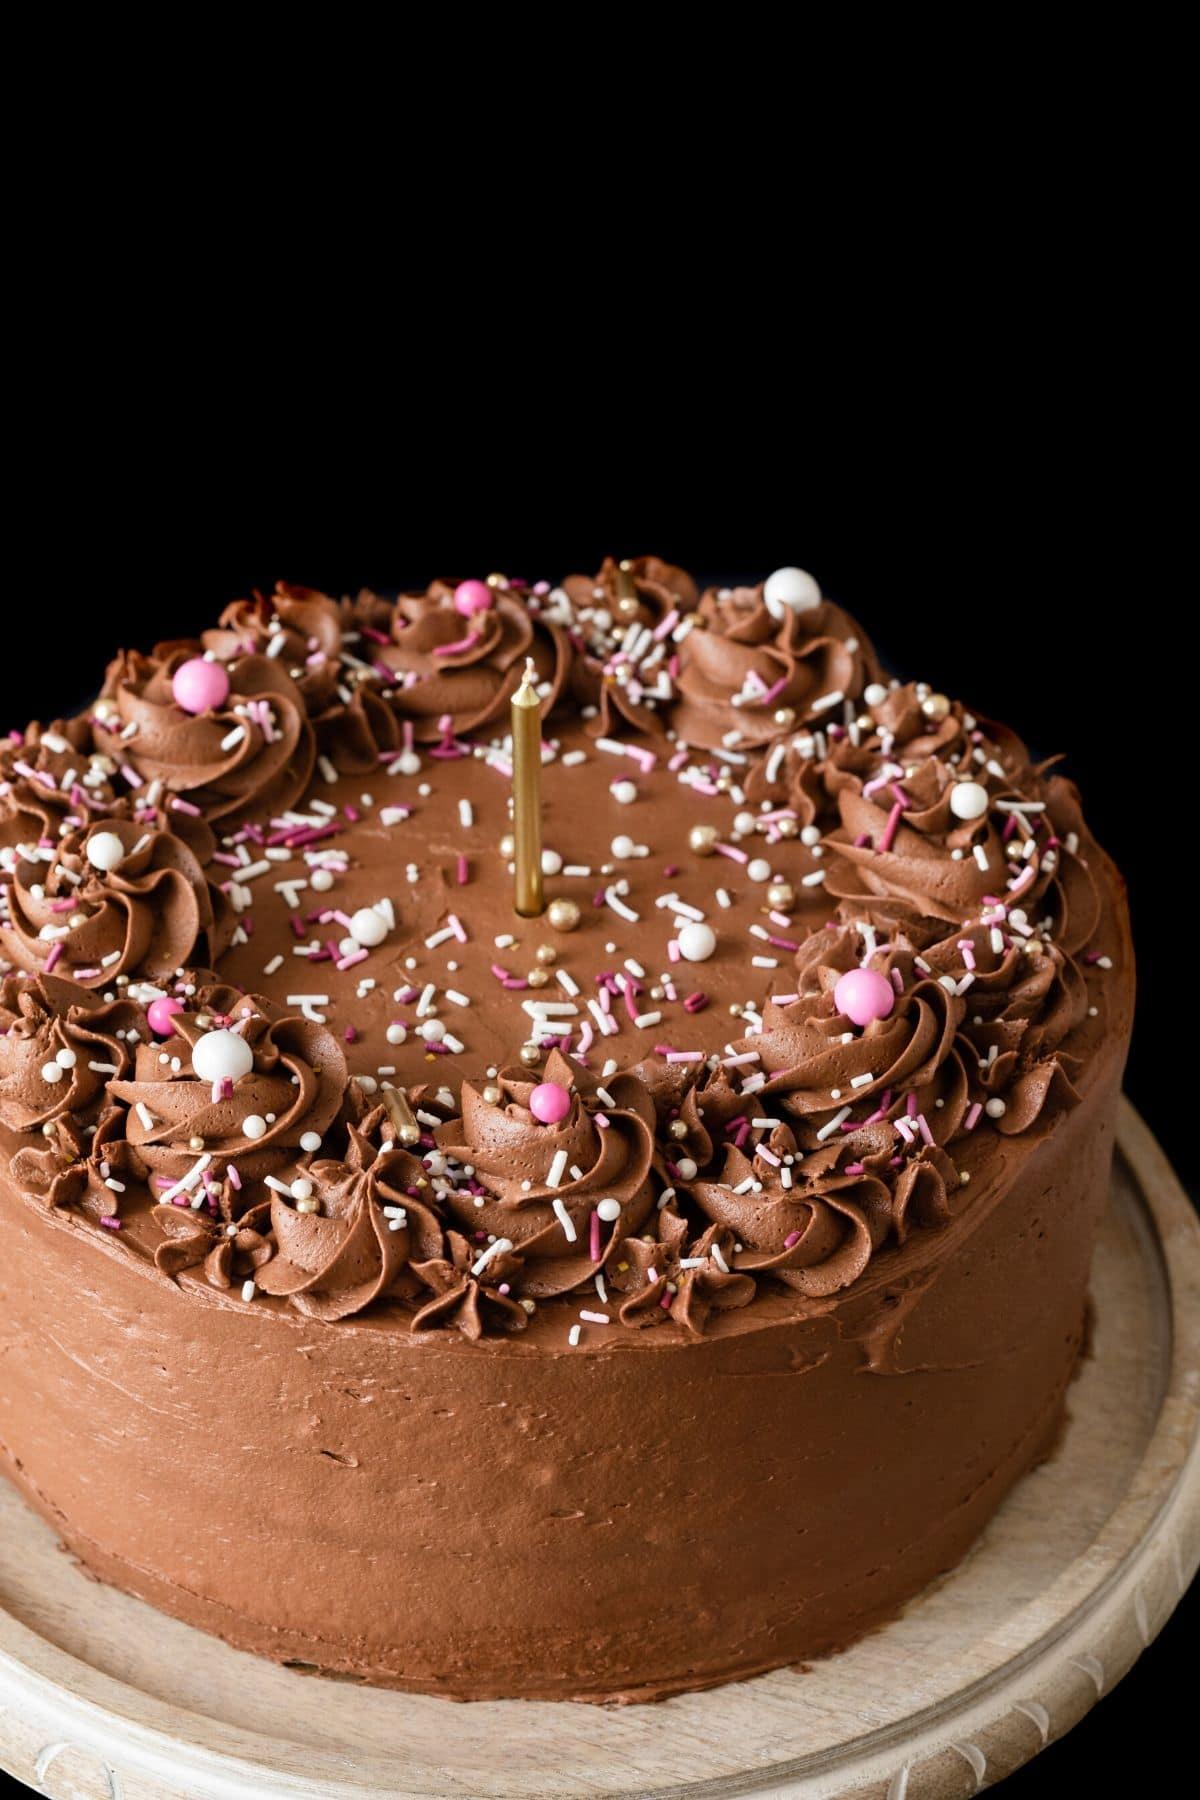 Vista en ángulo de tarta de cumpleaños casera con glaseado de chocolate y chispitas.